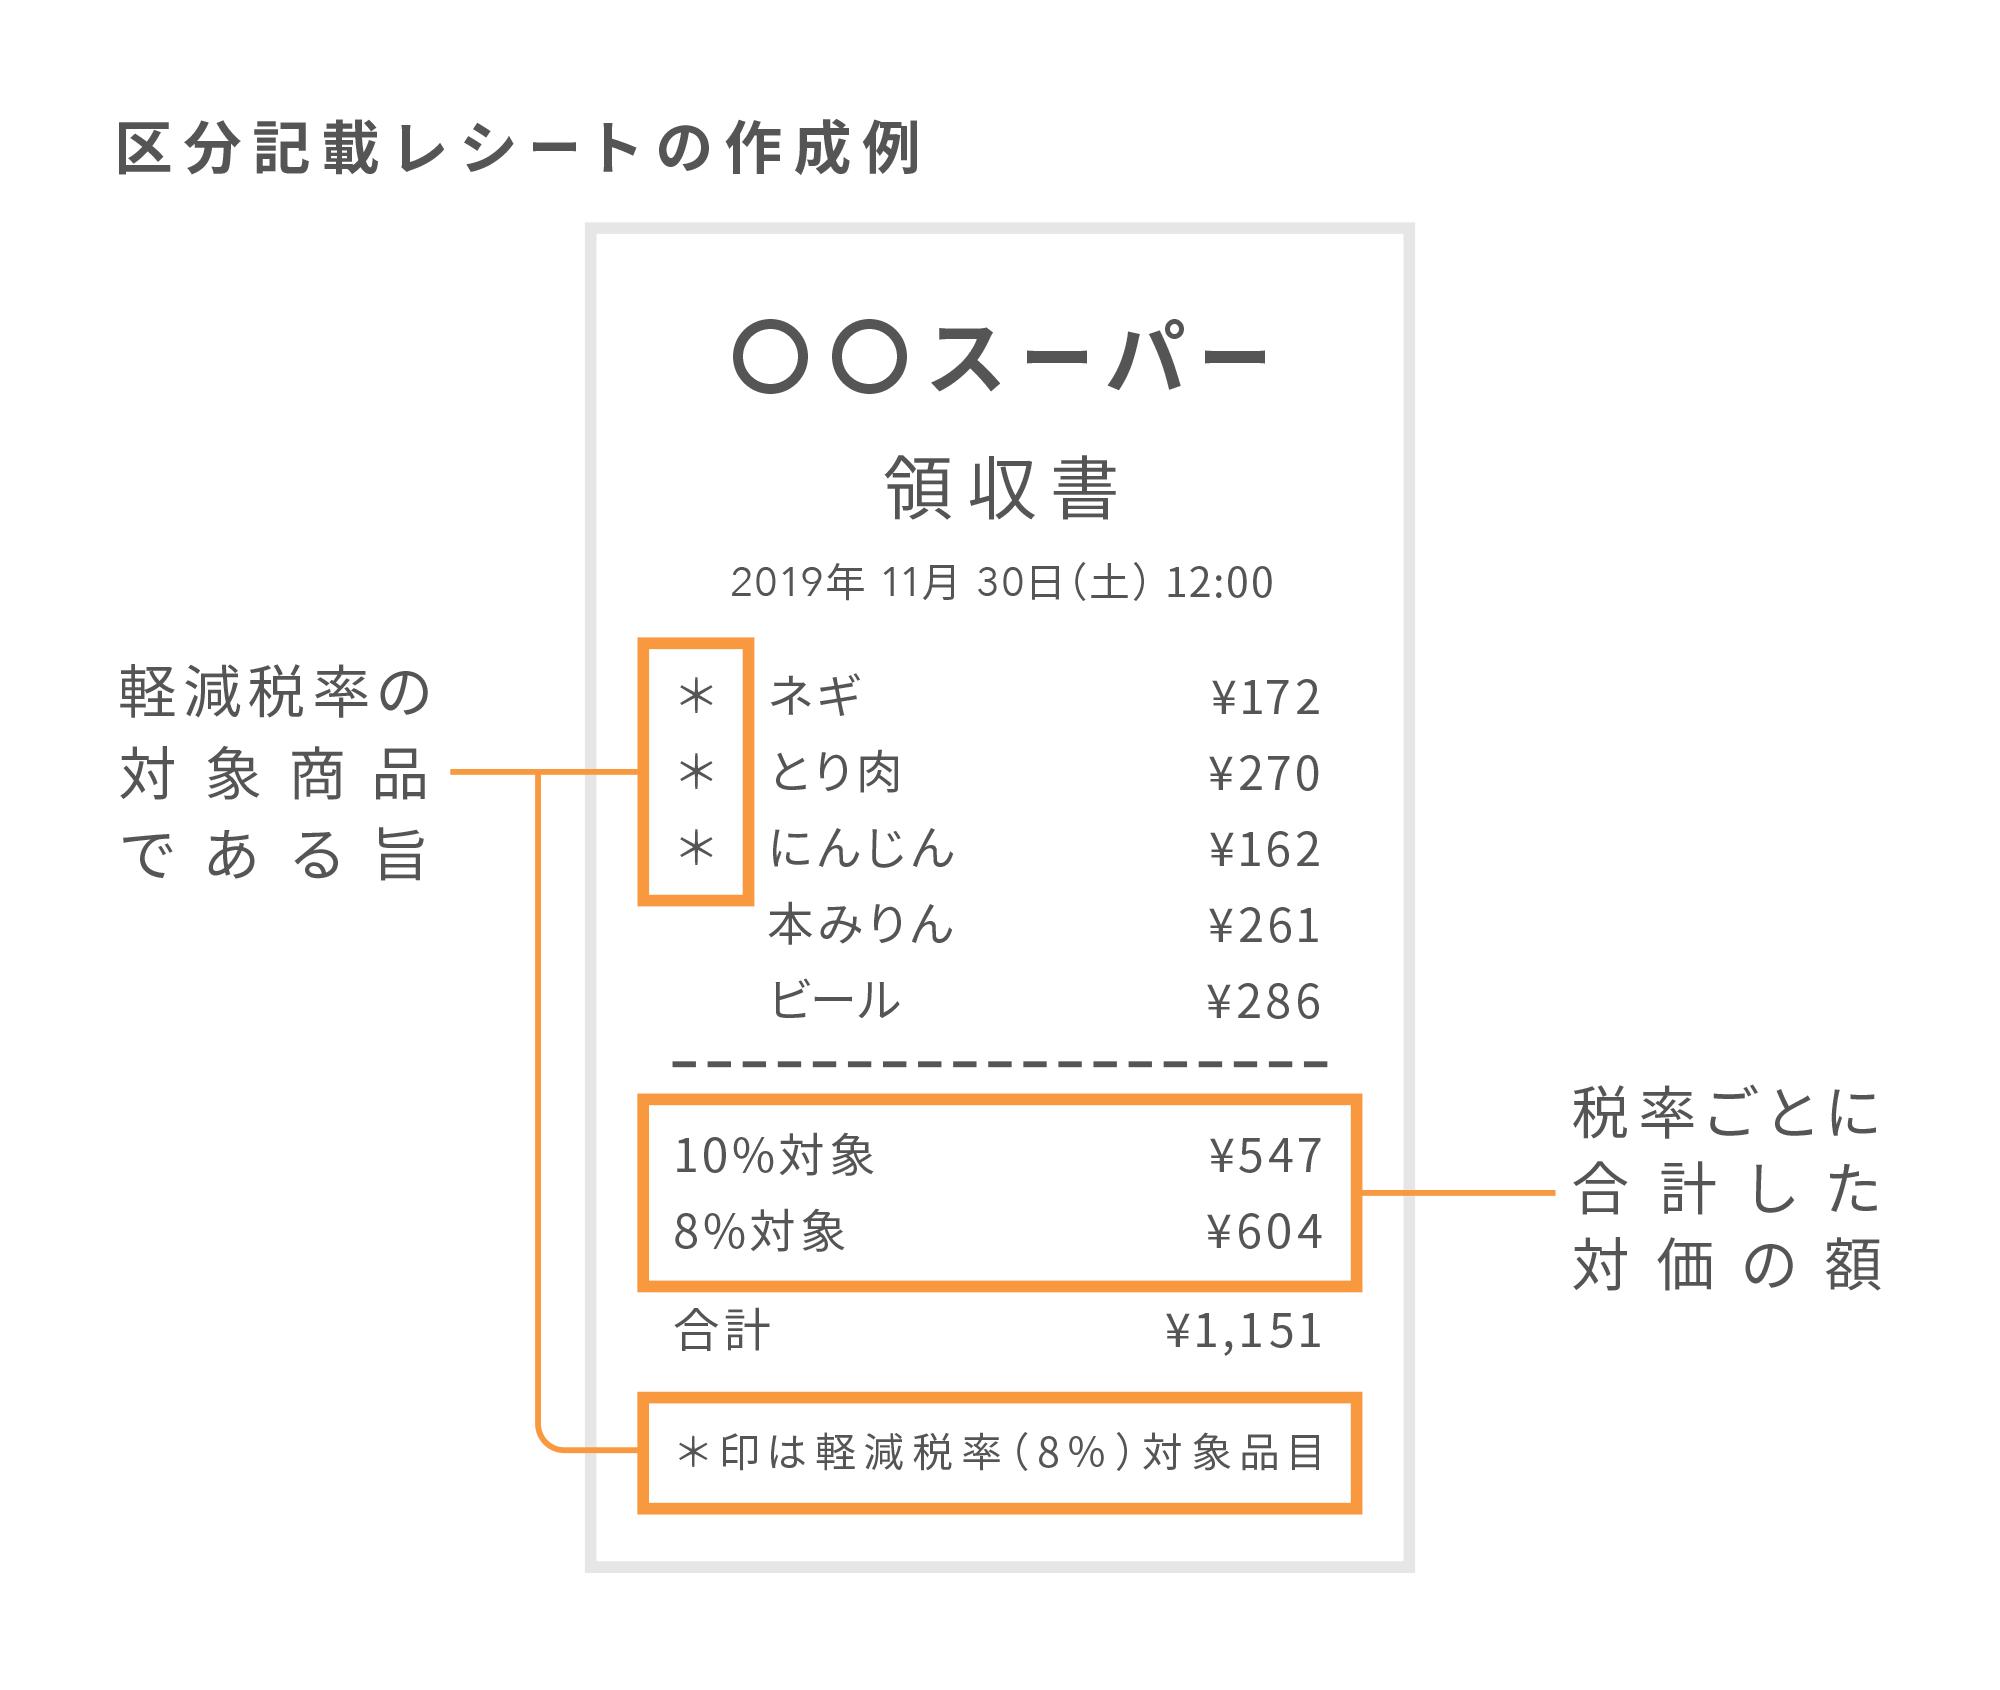 軽減税率制度後の区分記載したレシートの例